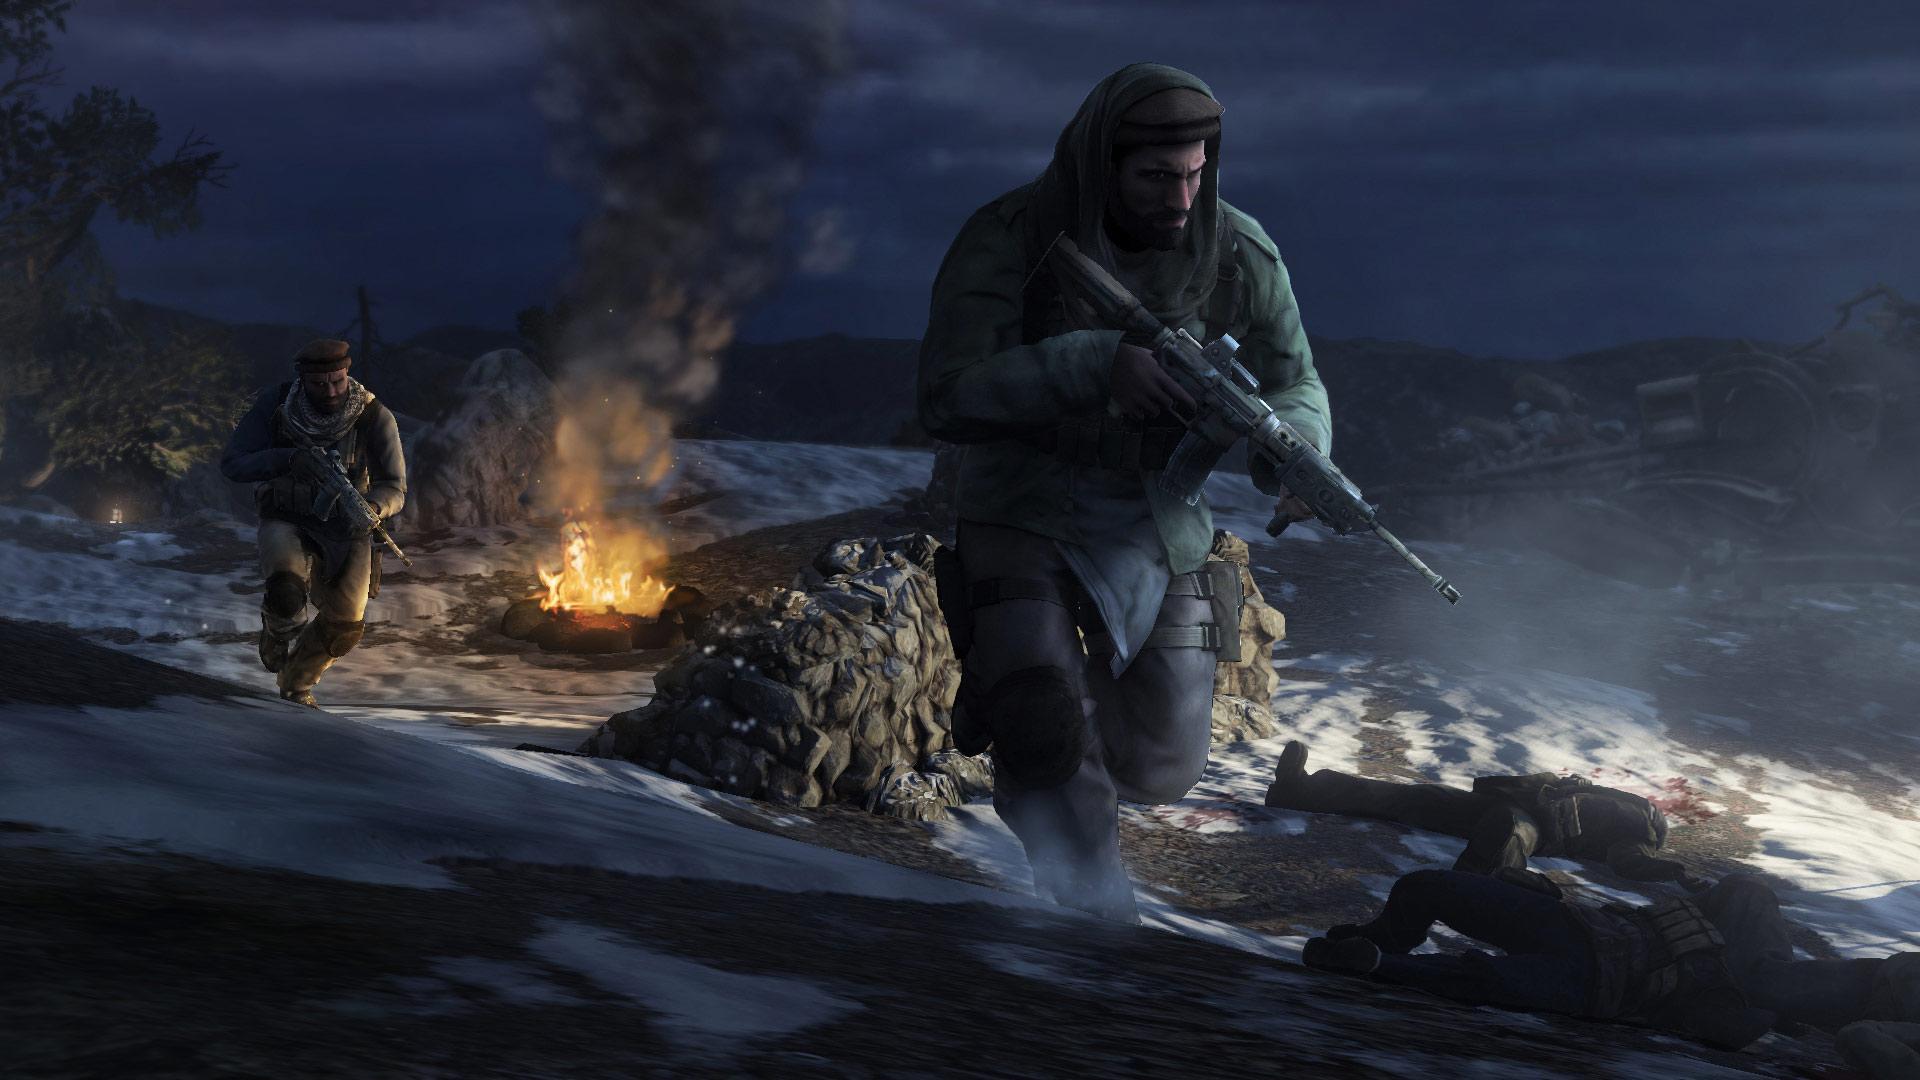 medal-of-honor-pc-screenshot-4